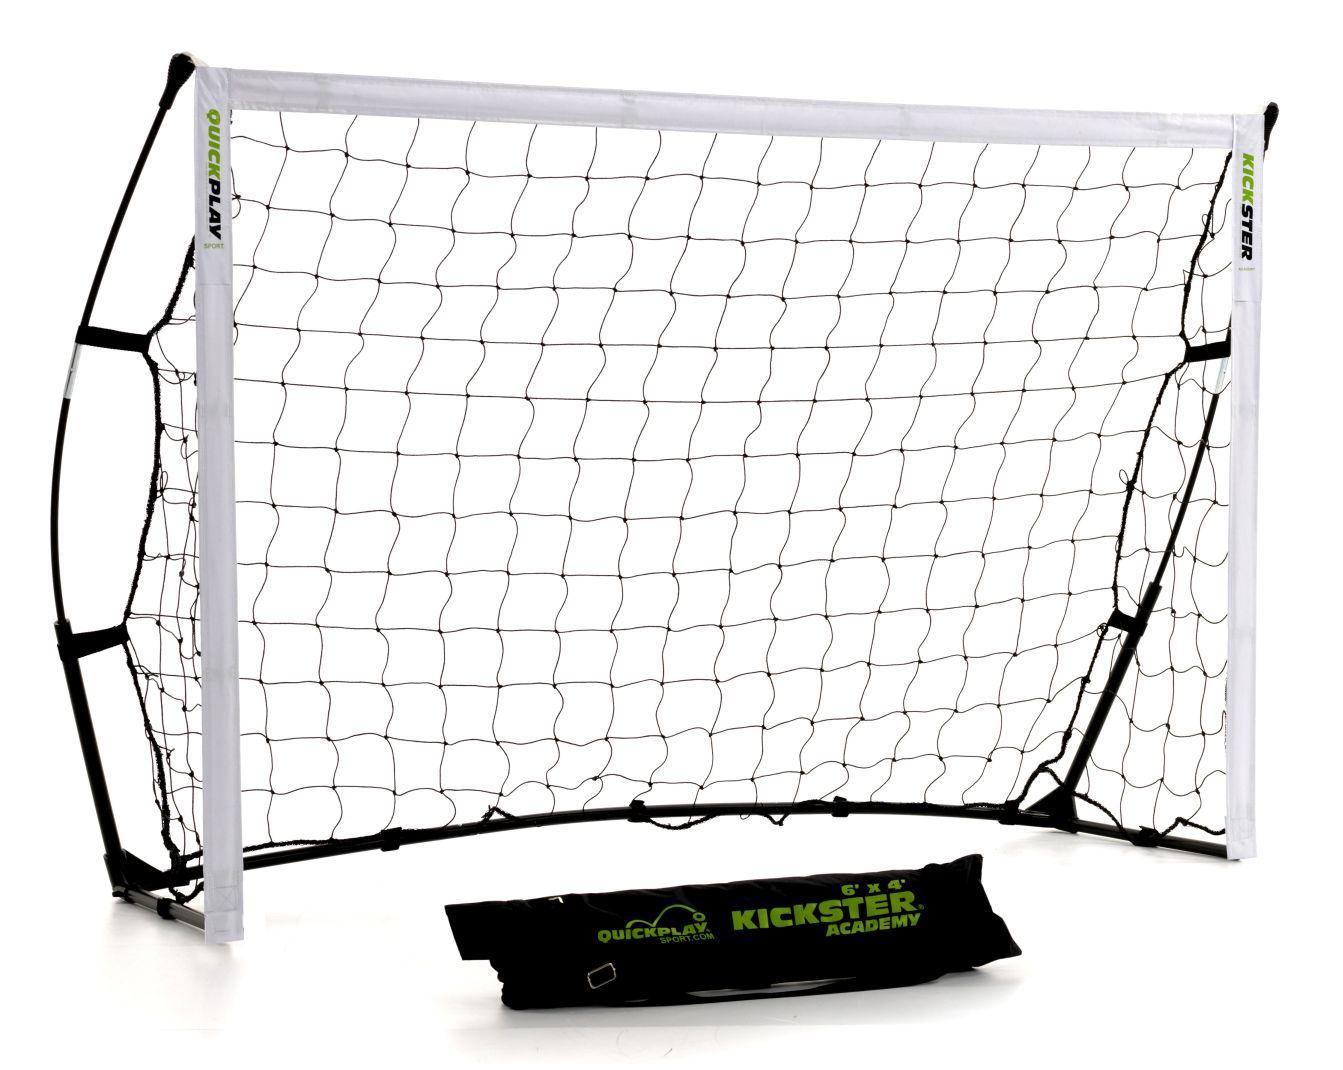 QUICKPLAY Fotbalová branka Kickster Academy 1800